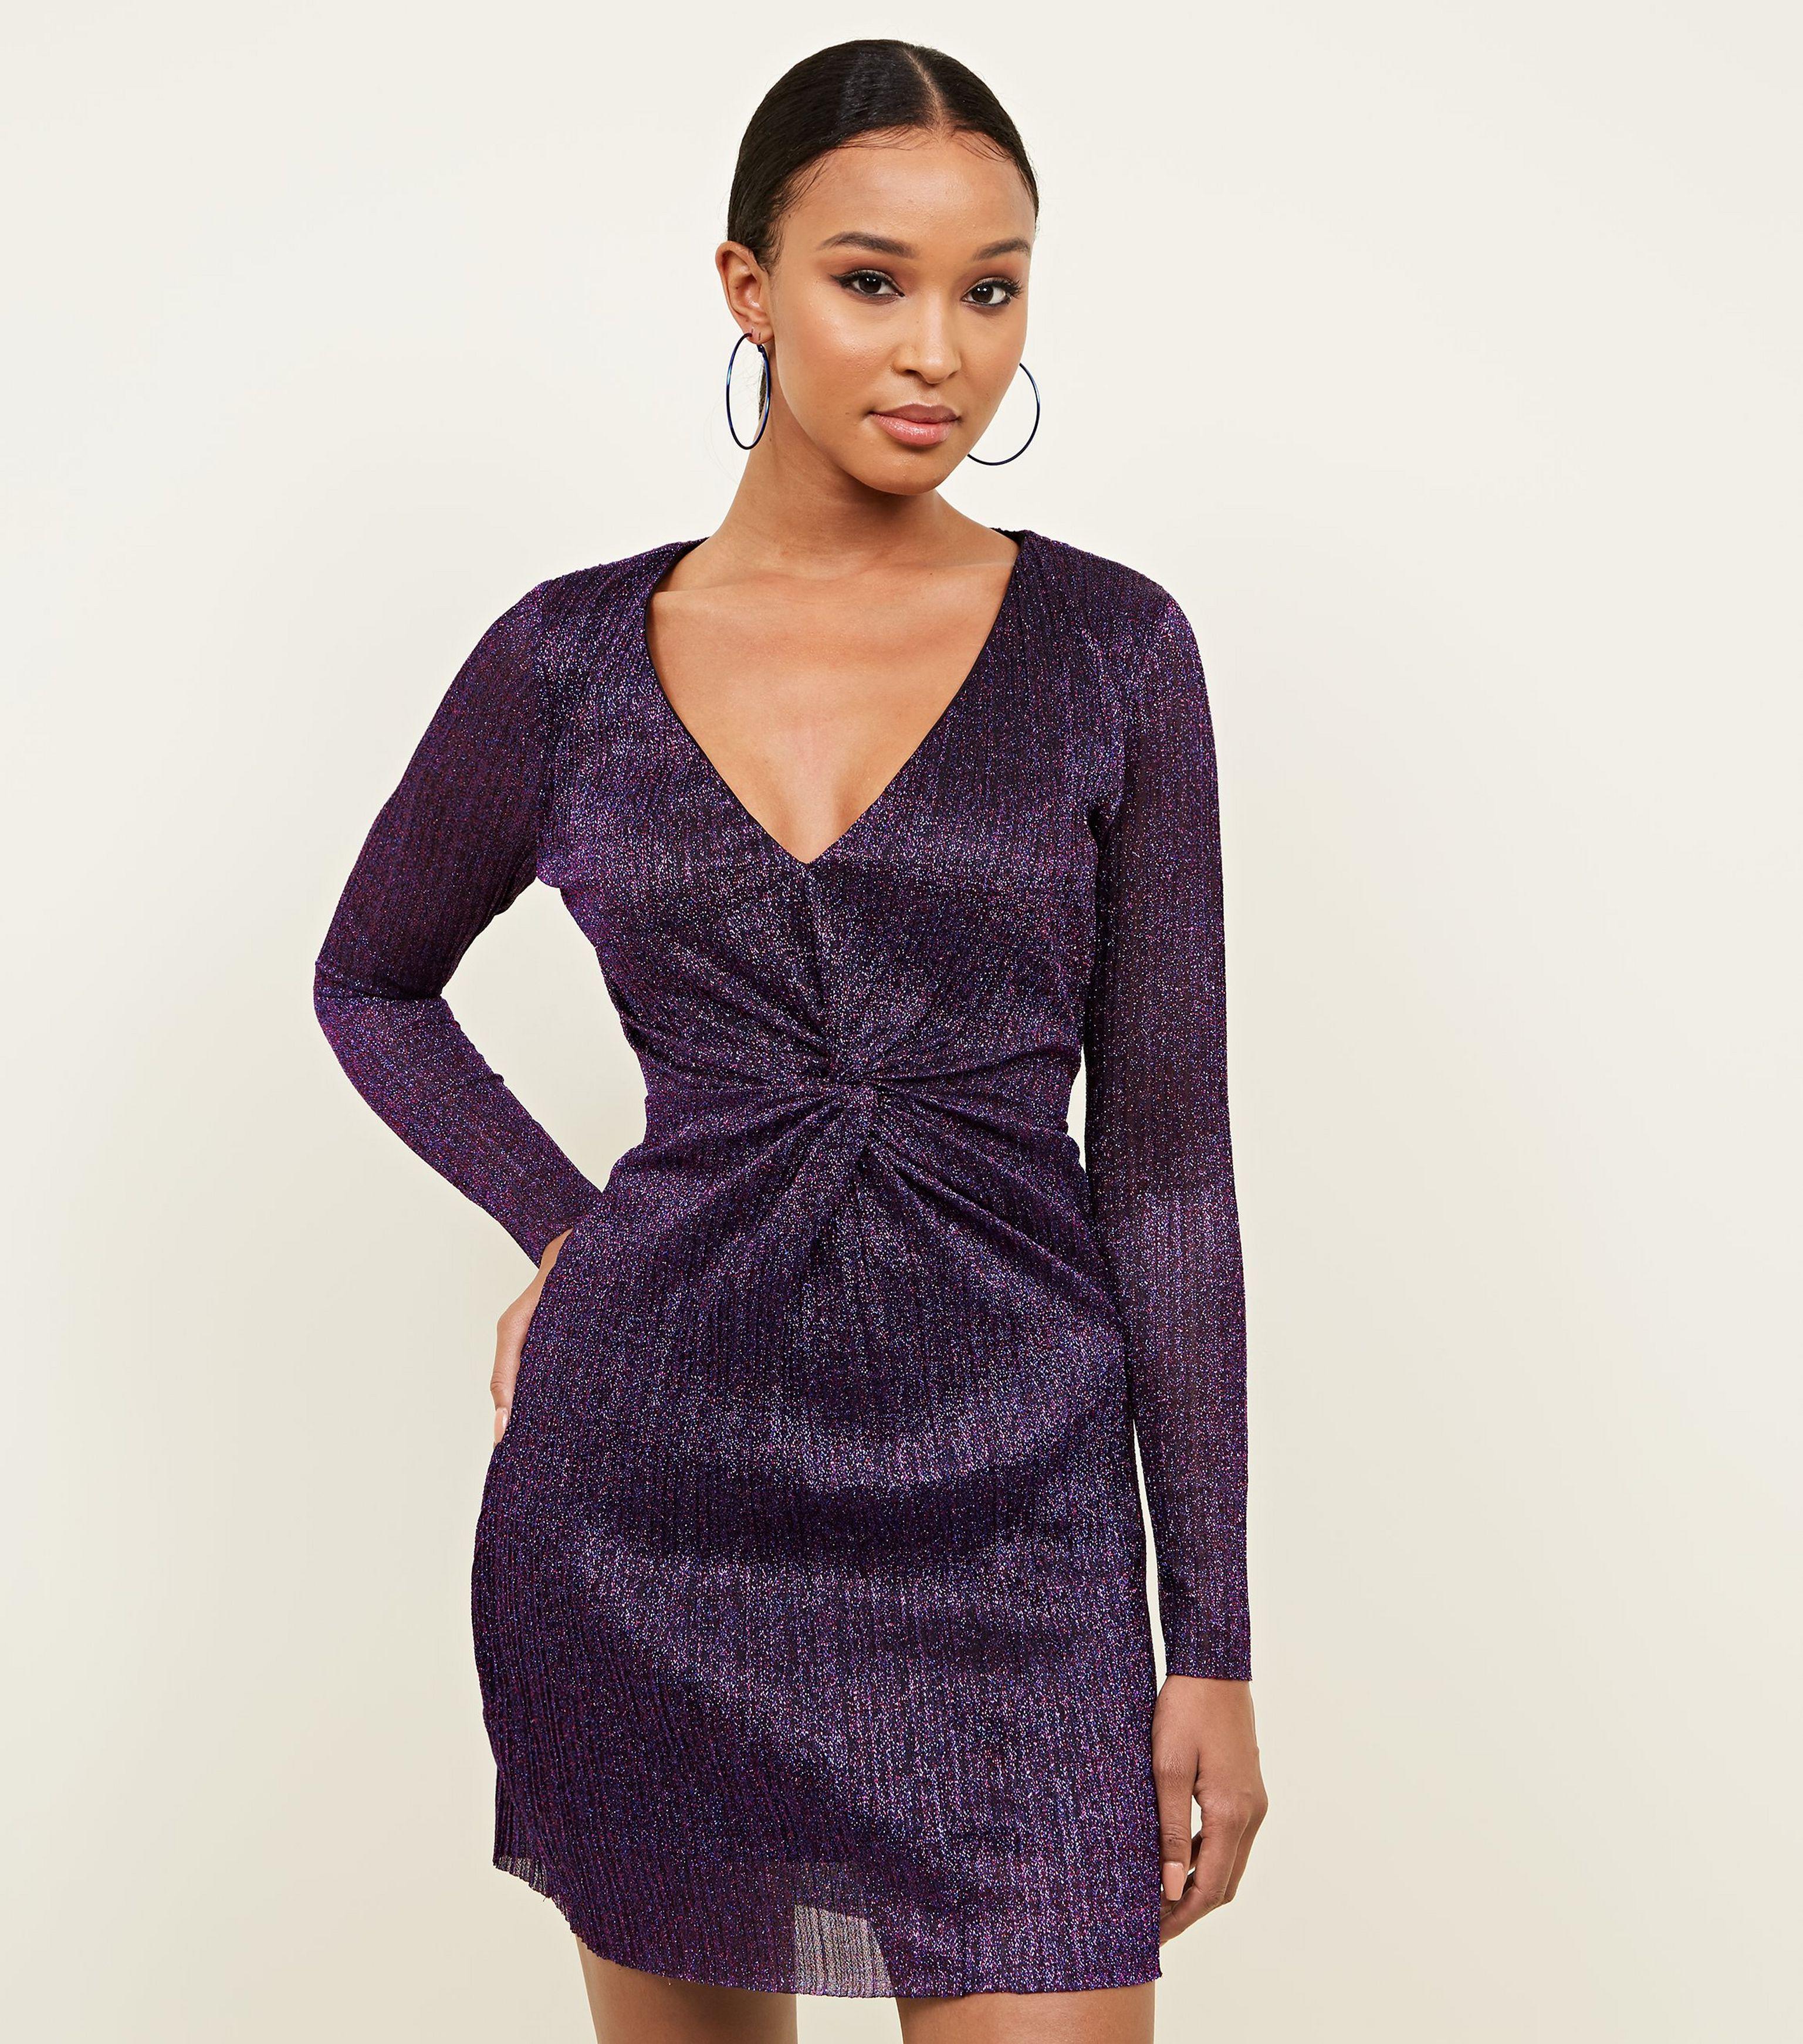 4e21a4d2 New Look Purple Glitter Plissé Twist Front Mini Dress in Purple - Lyst